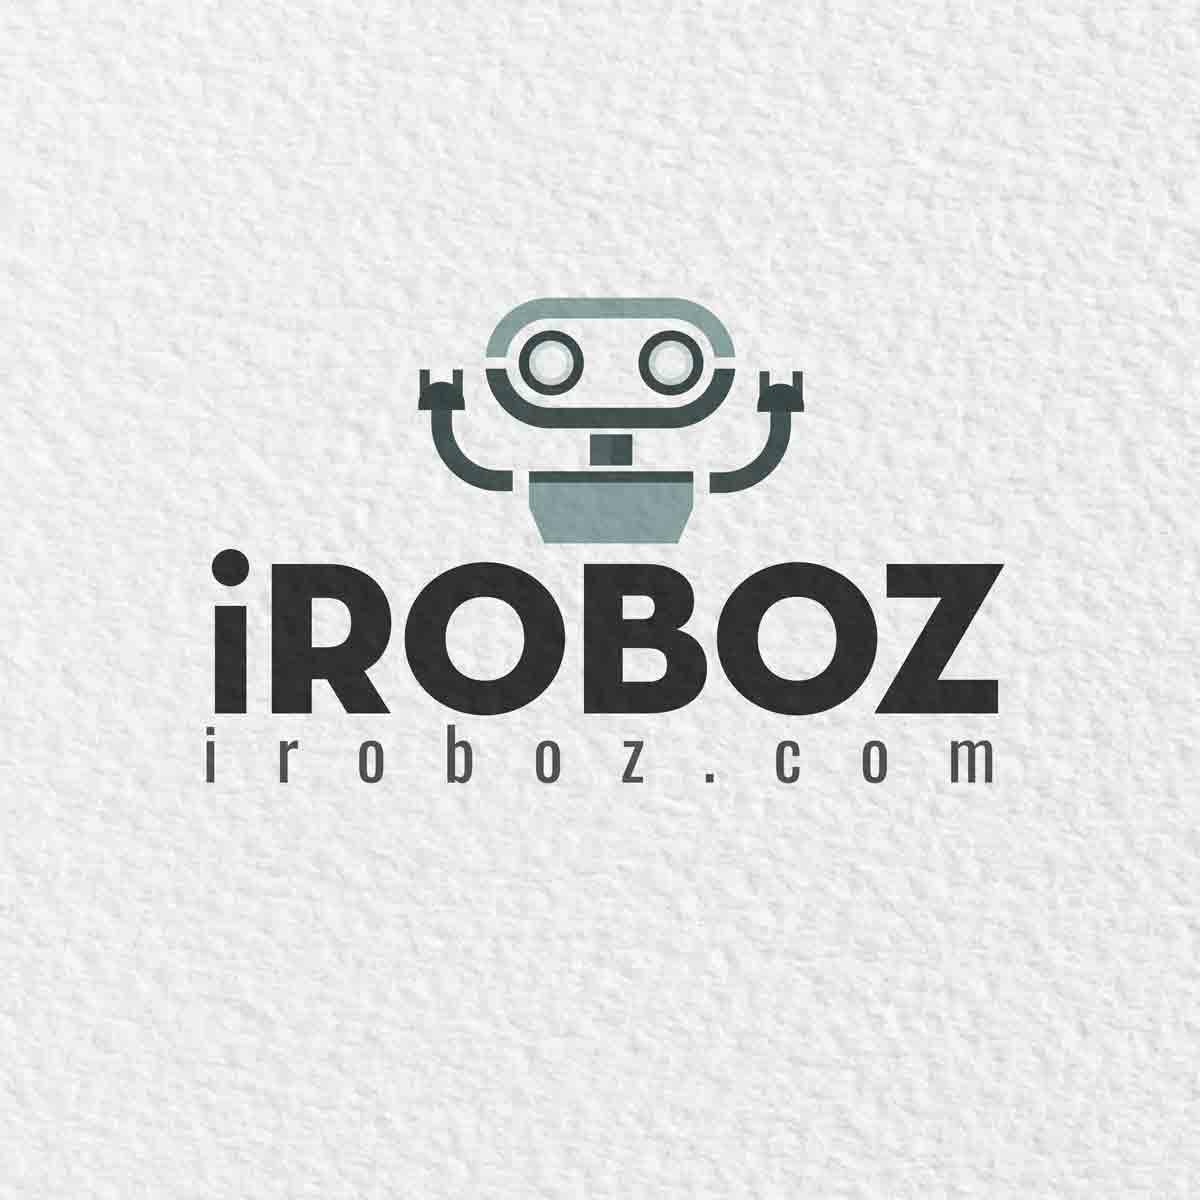 iroboz-logo-01